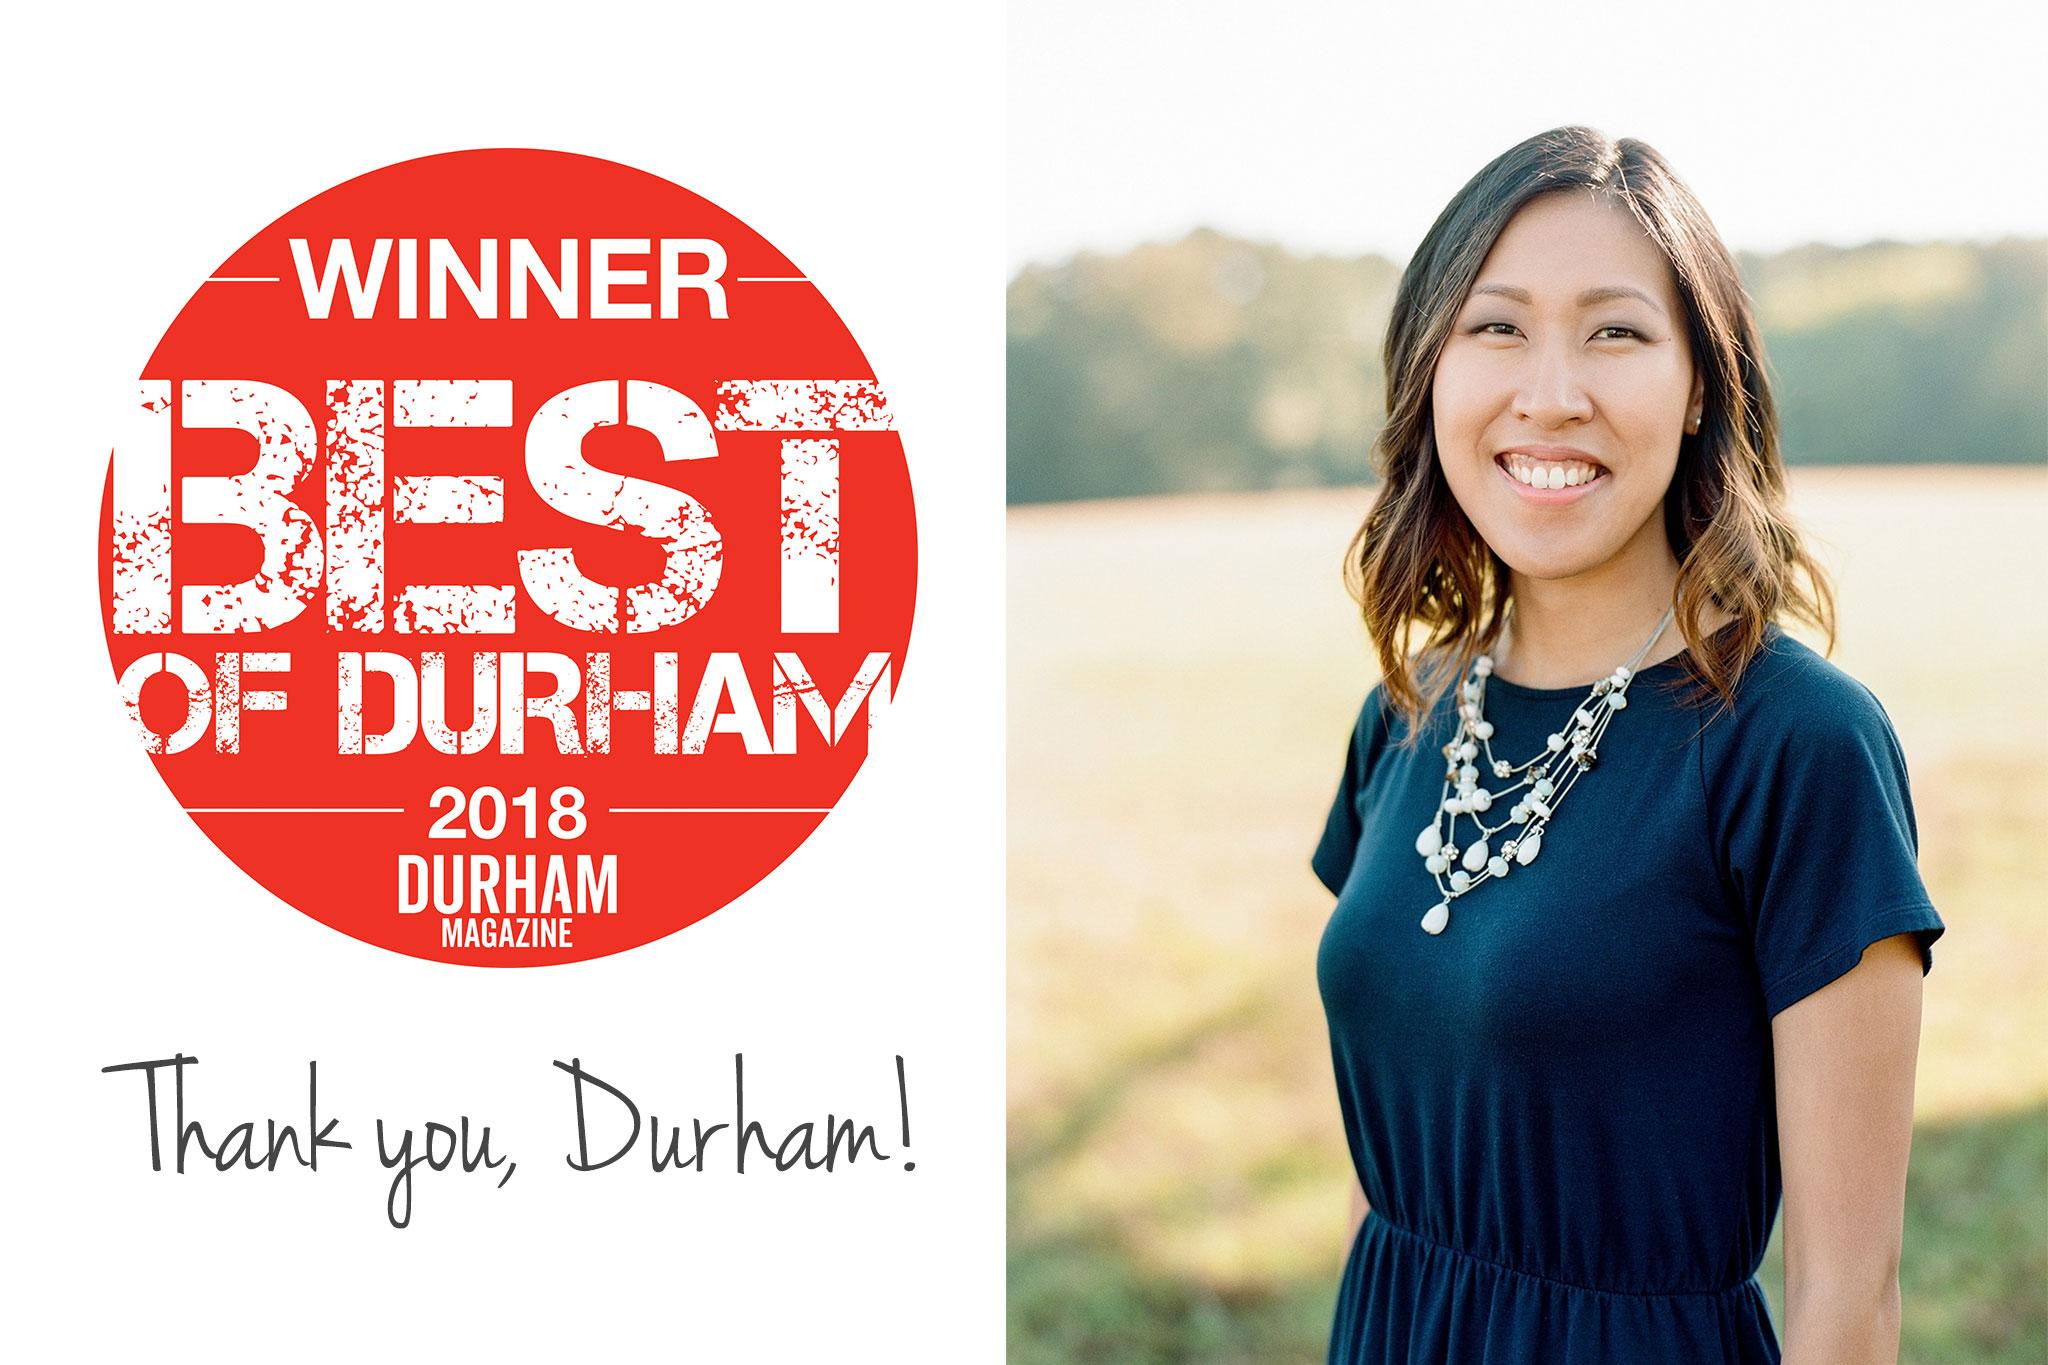 Best Photographer in Durham | Durham Magazine, The Best of Durham 2018 | G. Lin Photography